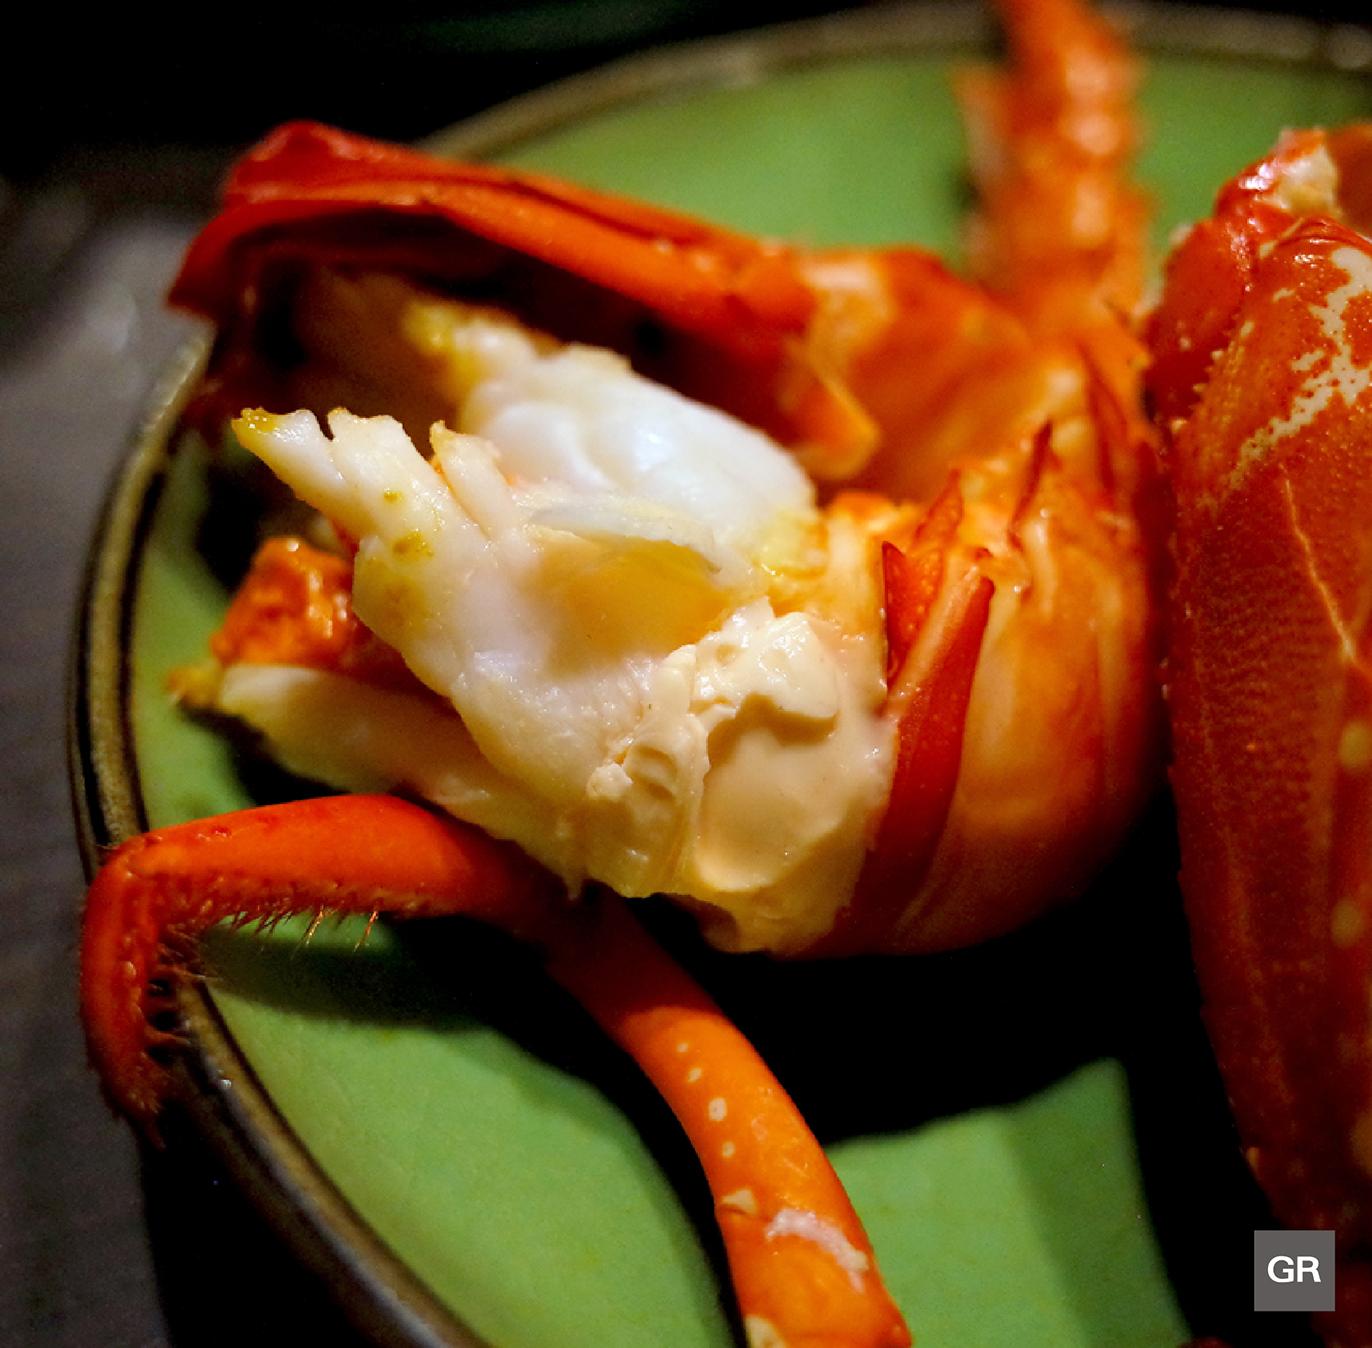 เนื้อ กุ้งมังกรอิเสะ (ISE EBI) ที่ผ่านการนึ่งไอน้ำของร้าน KAGETU